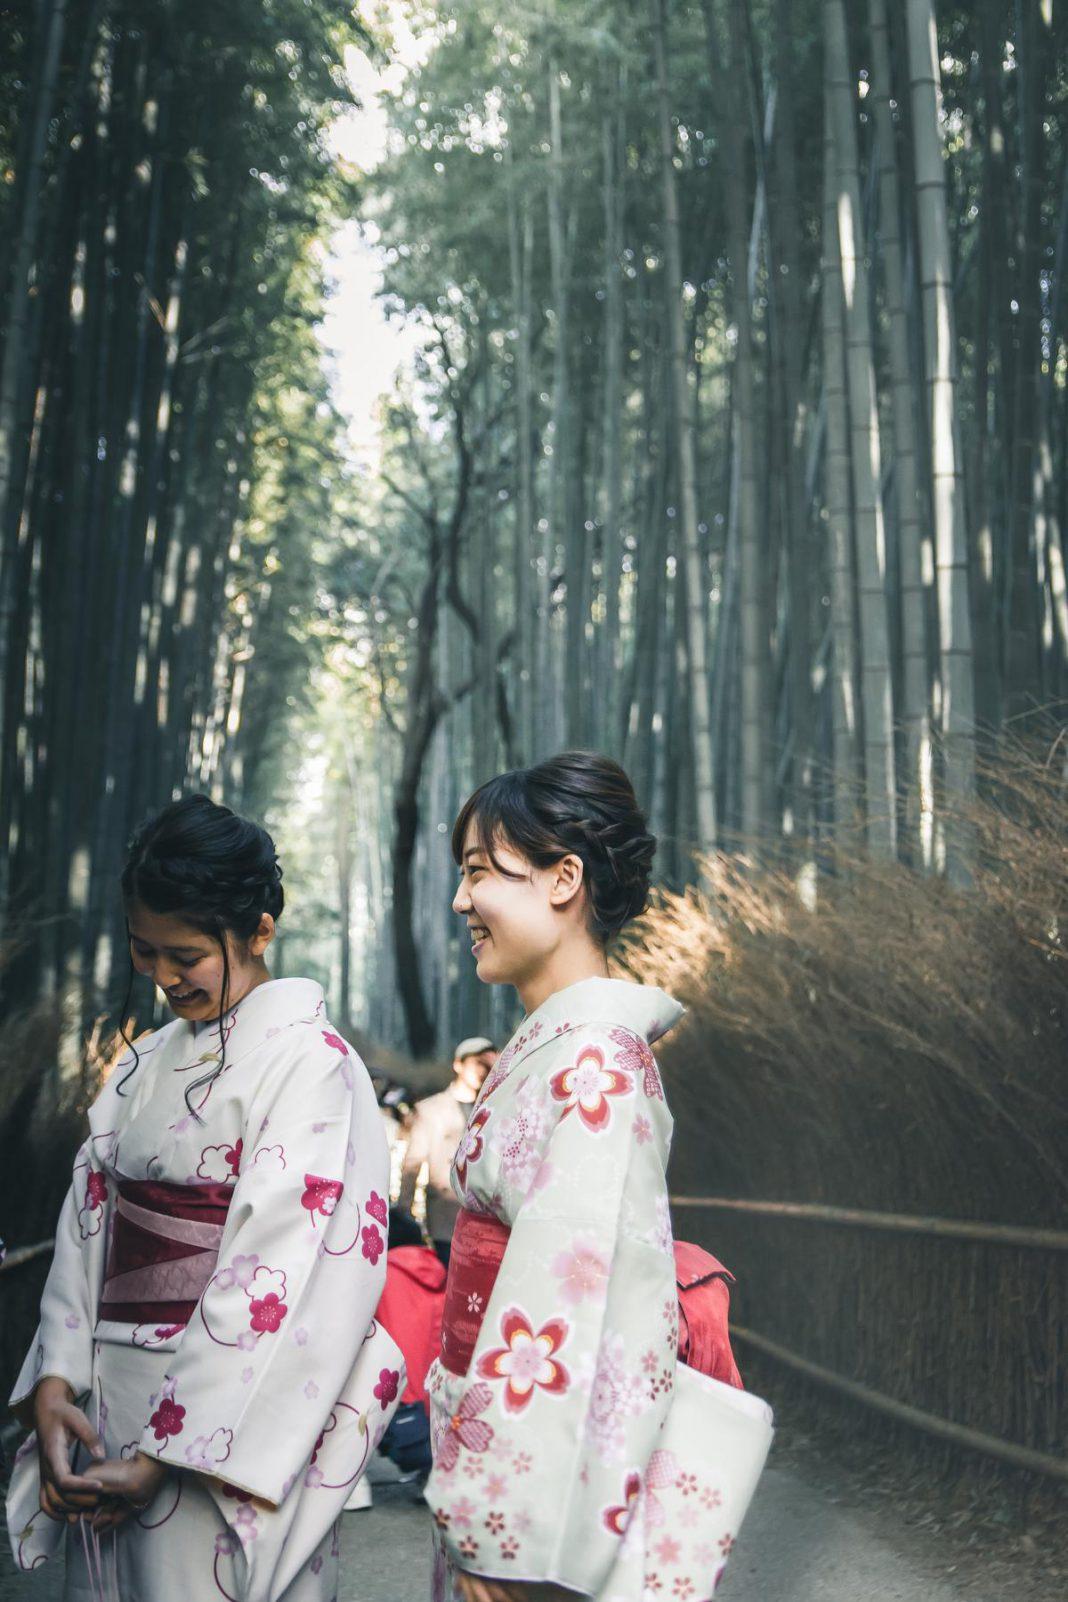 Dames in kimono in de Bamboo Grove in Arashiyama. Een indrukwekkende verzameling bamboe, als je van mensenmassa's houdt. (foto SB) ©sbedaux